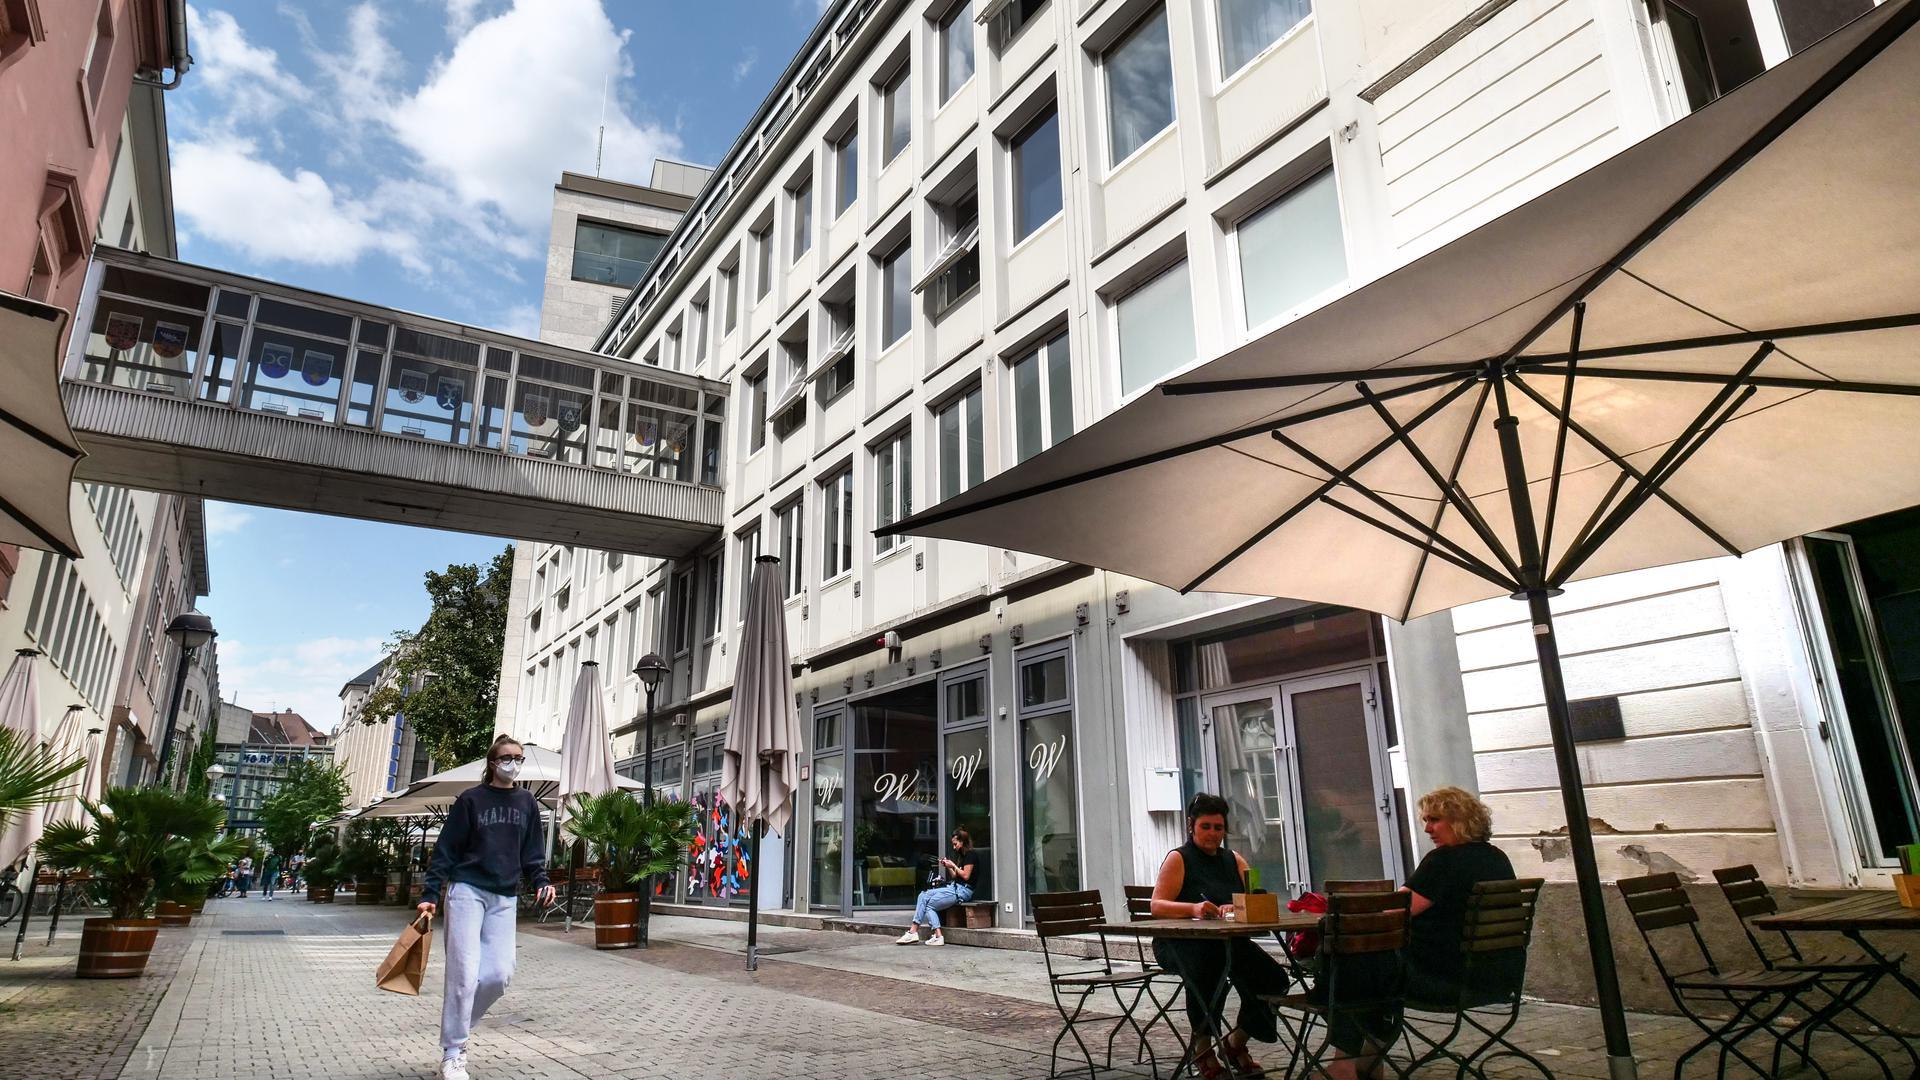 Während das Gasthaus Marktlücke (rechts im Bild) seinen Betrieb weiterlaufen lassen kann, müssen das Wohnzimmer (Mitte) und vielleicht auch der Irish Pub (links) zumindest vorübergehend ihre Räumlichkeiten an der Zähringerstraße aufgeben.